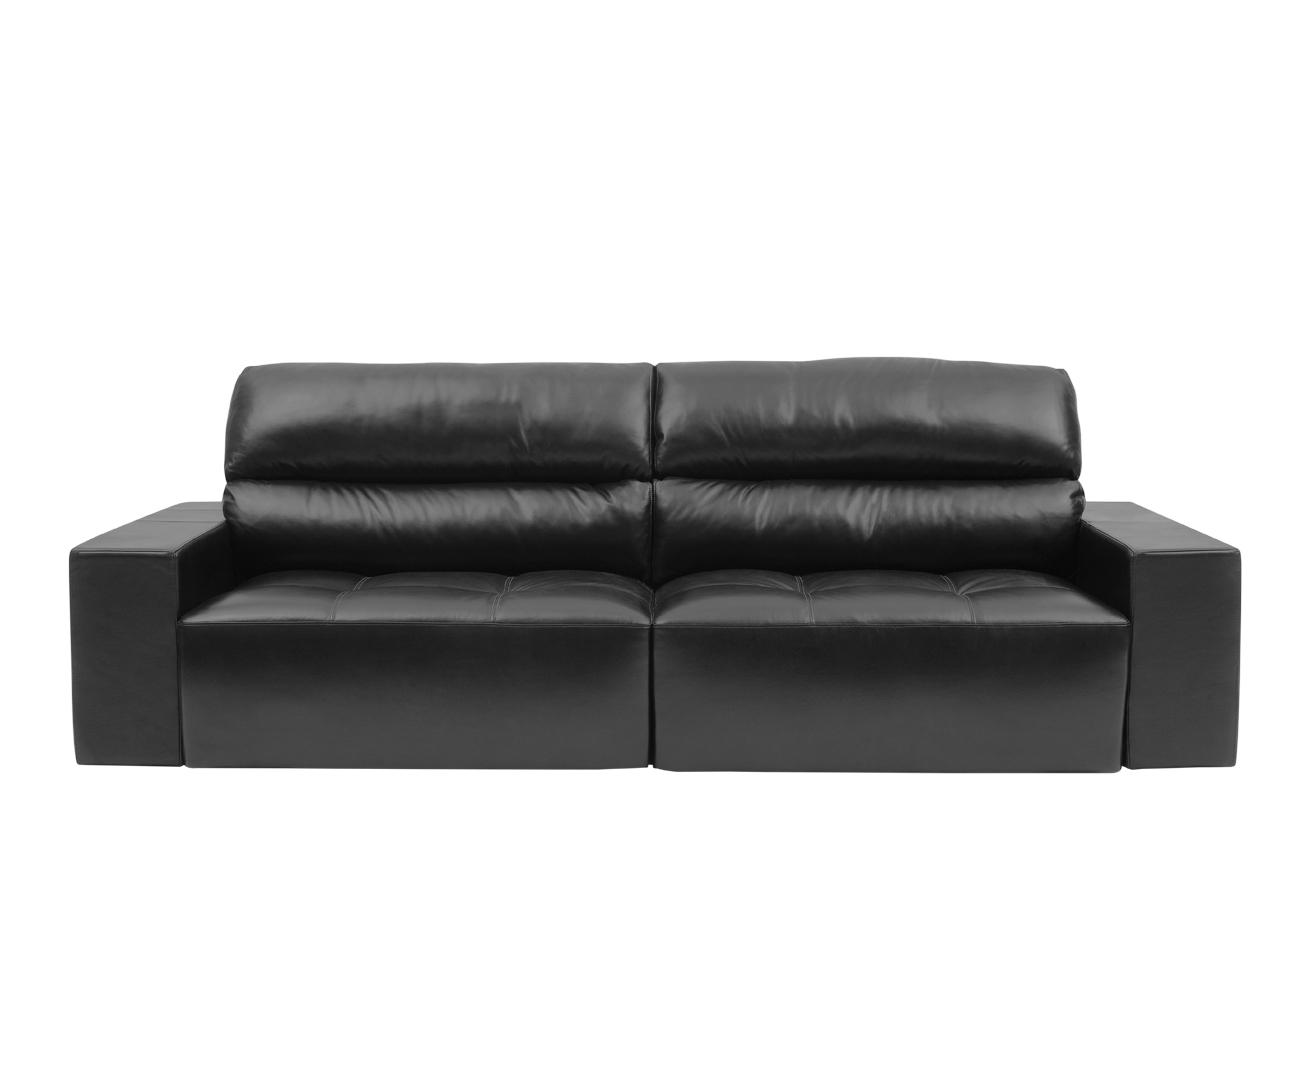 sofá 3 lugares retrátil em couro natural london 0248